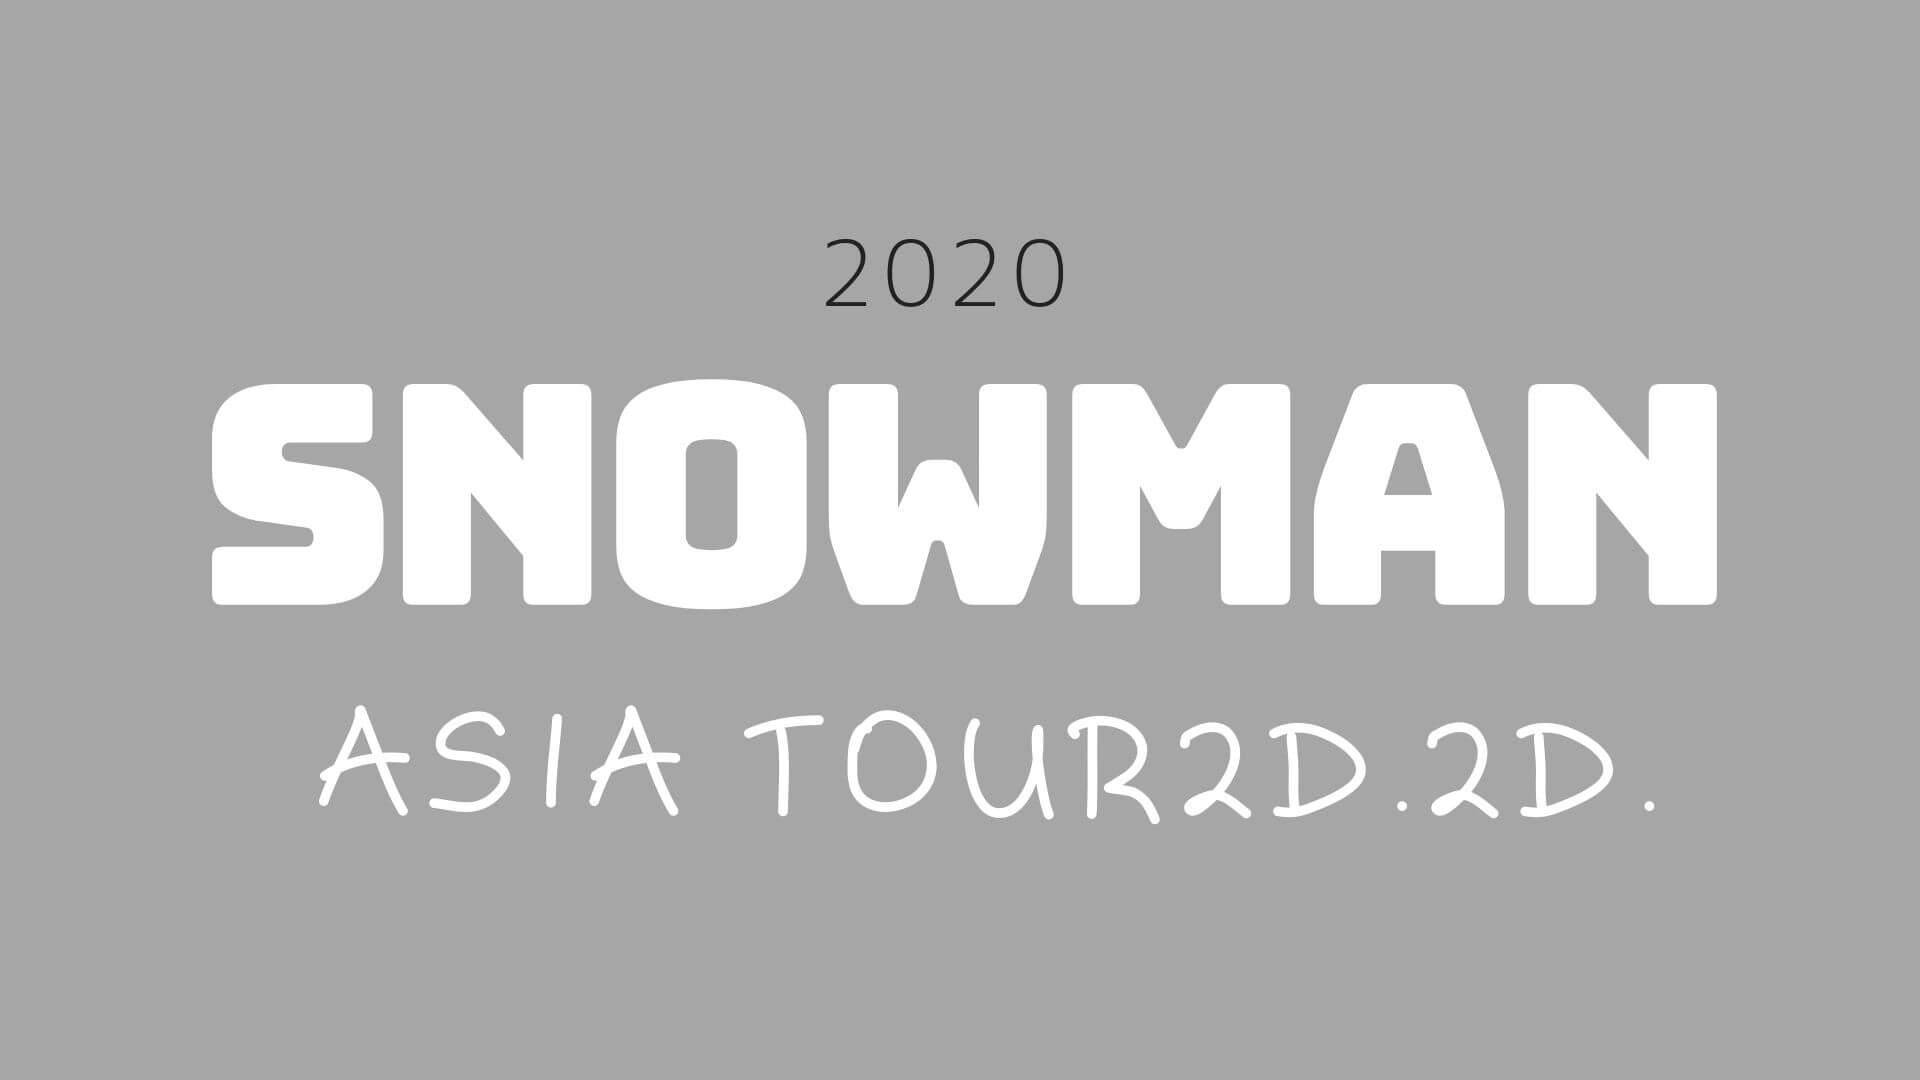 ツアー アジア Snow man